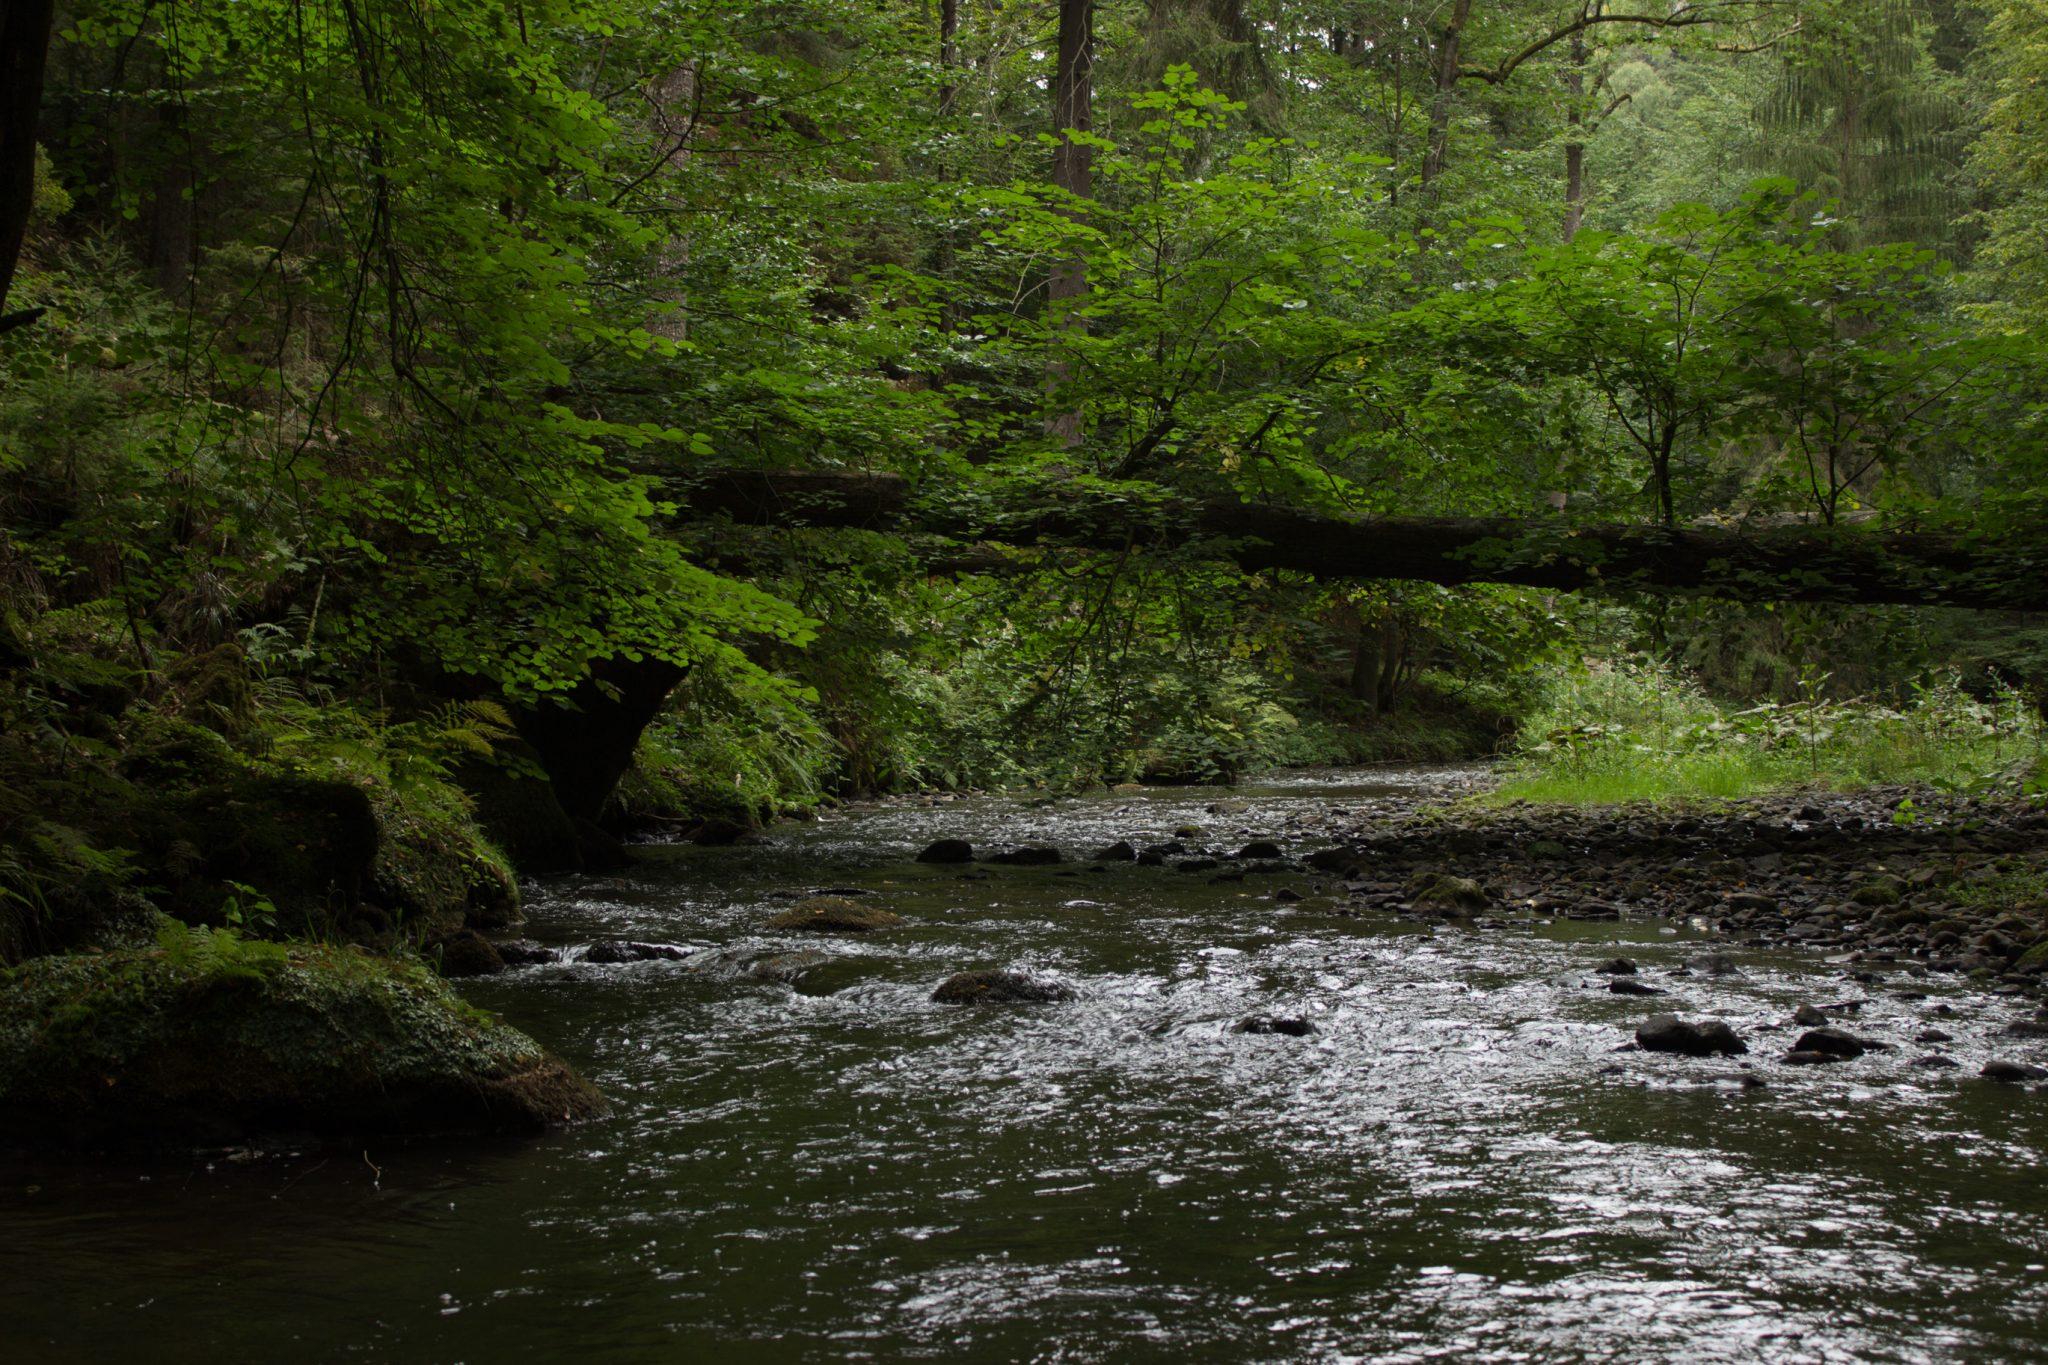 Wanderung durch Polenztal zur Bastei und zu Schwedenlöcher, Wanderweg im Polenztal, saftig grüner Wald, umgefallener Baum über Fluß Polenz